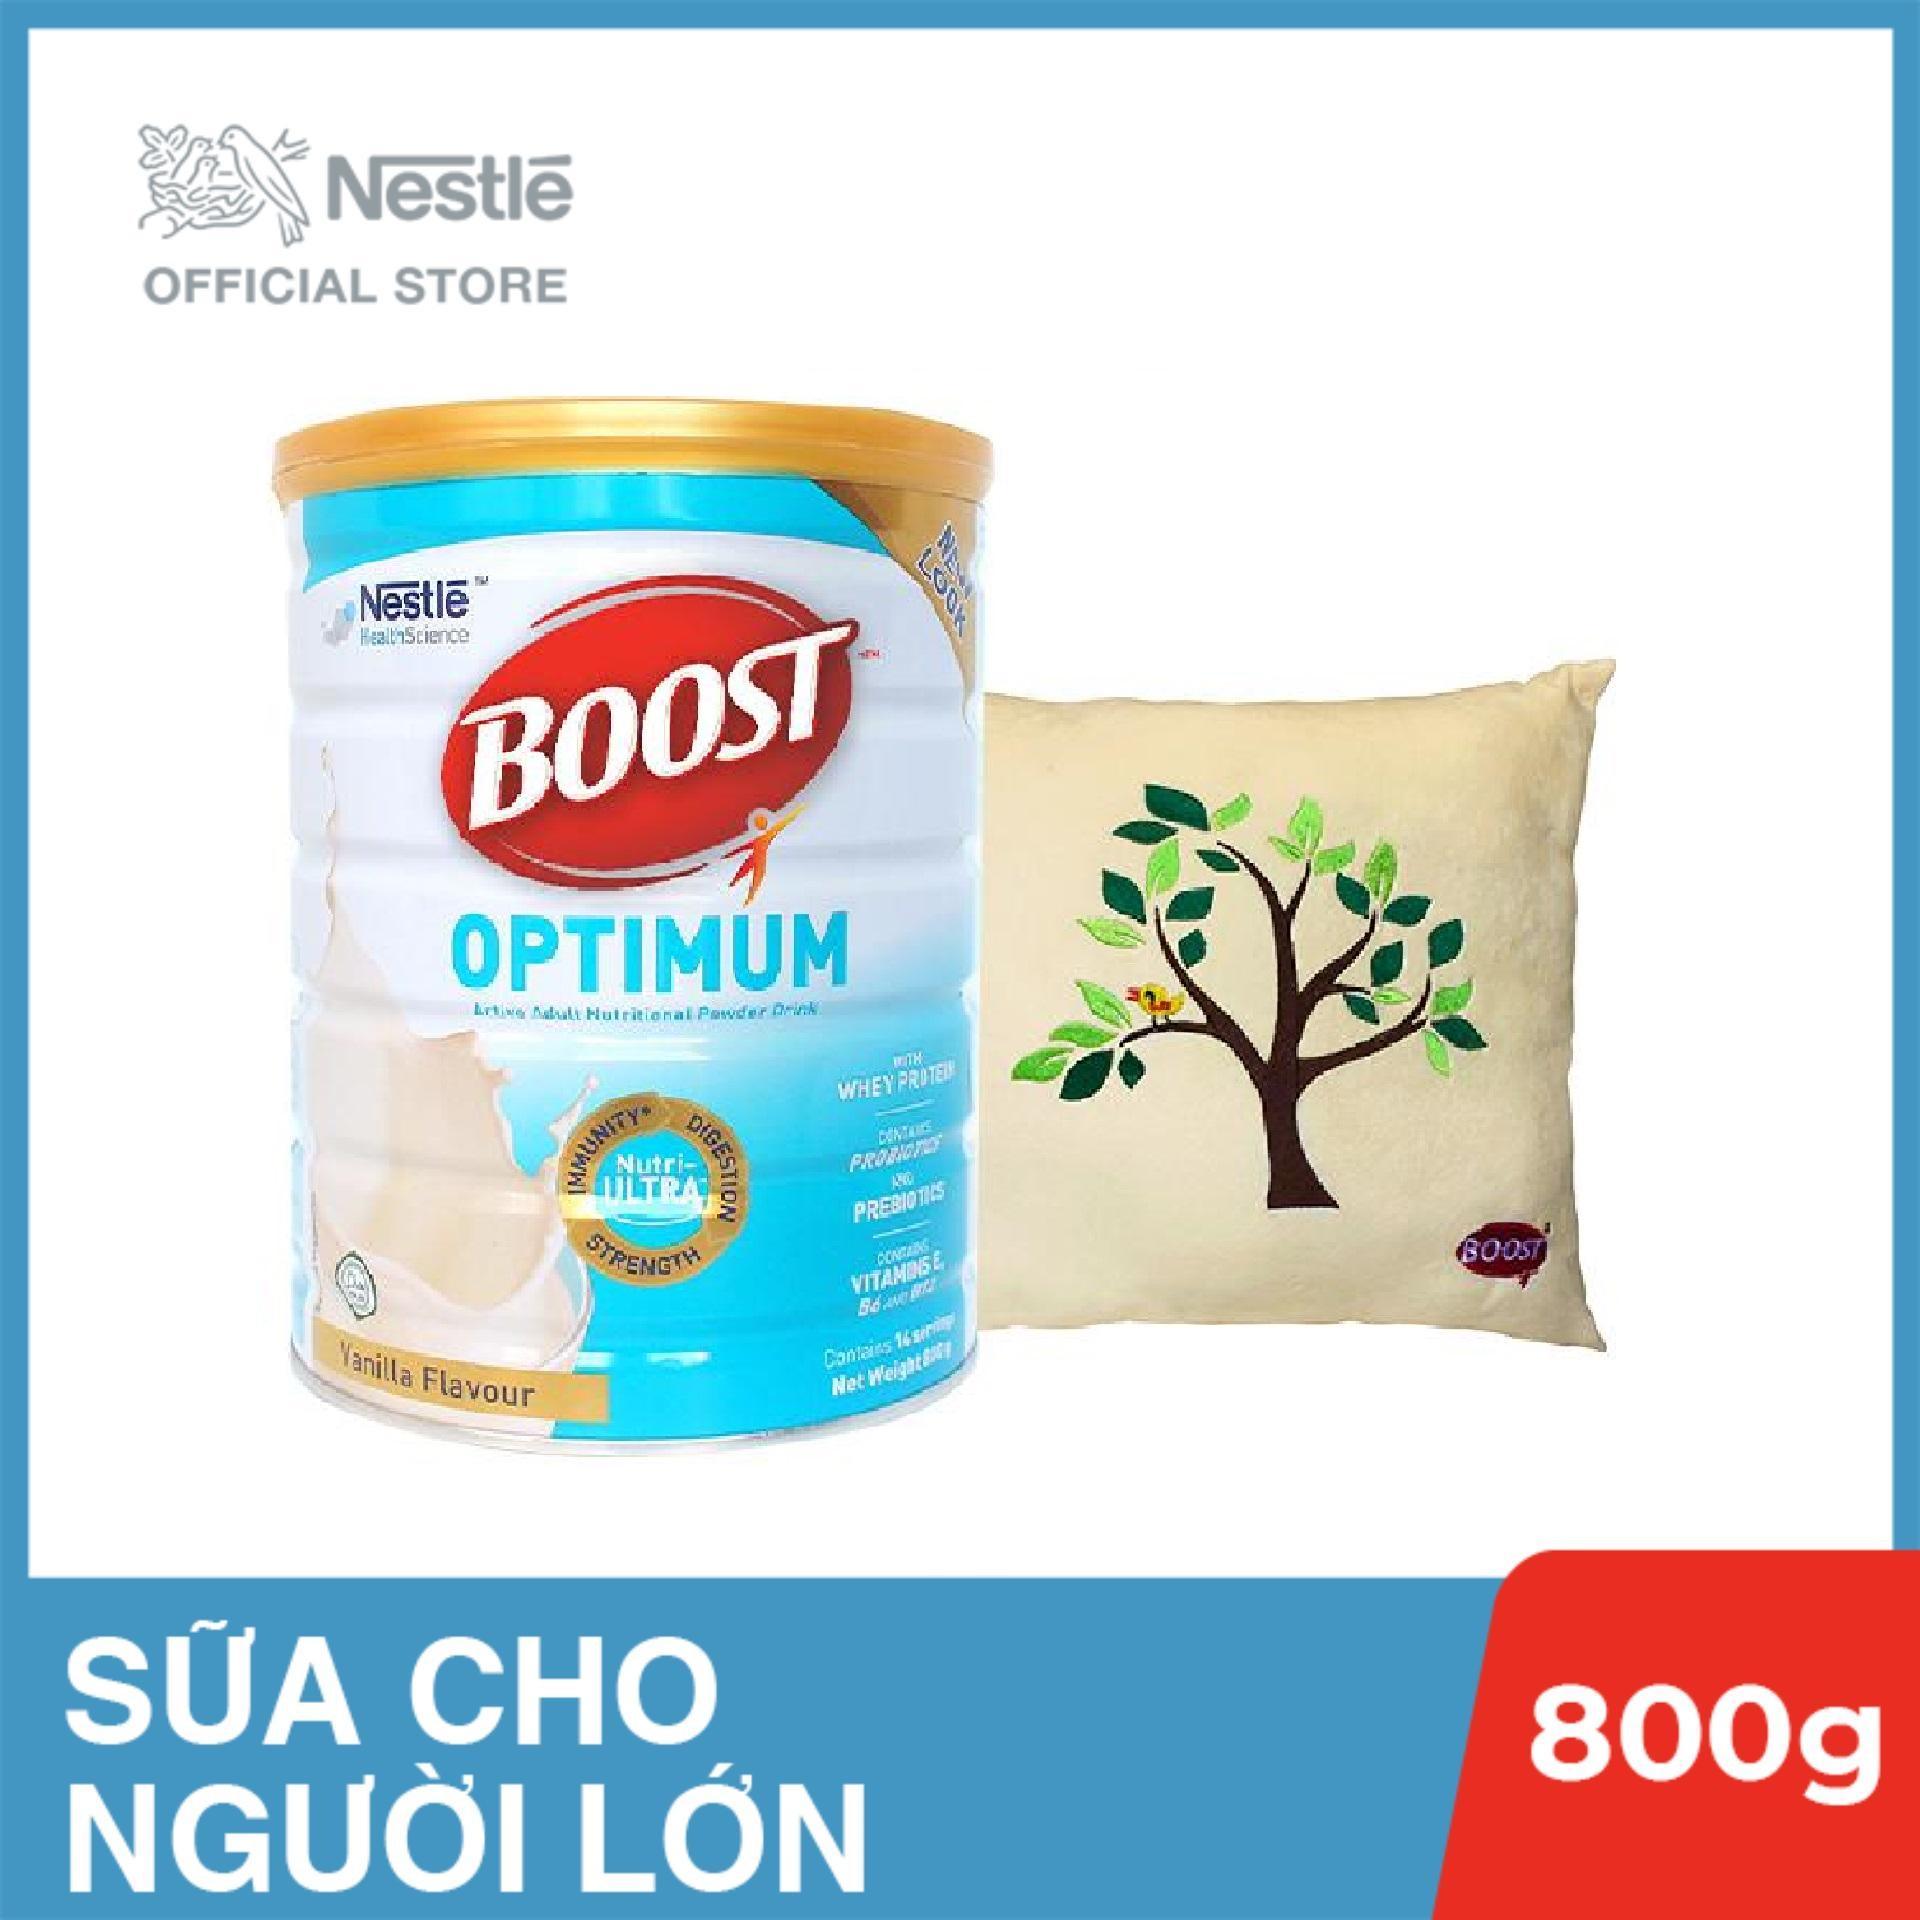 Sản phẩm dinh dưỡng y học Boost Optimum - Lon 800g, Tặng gối tựa lưng nhập khẩu